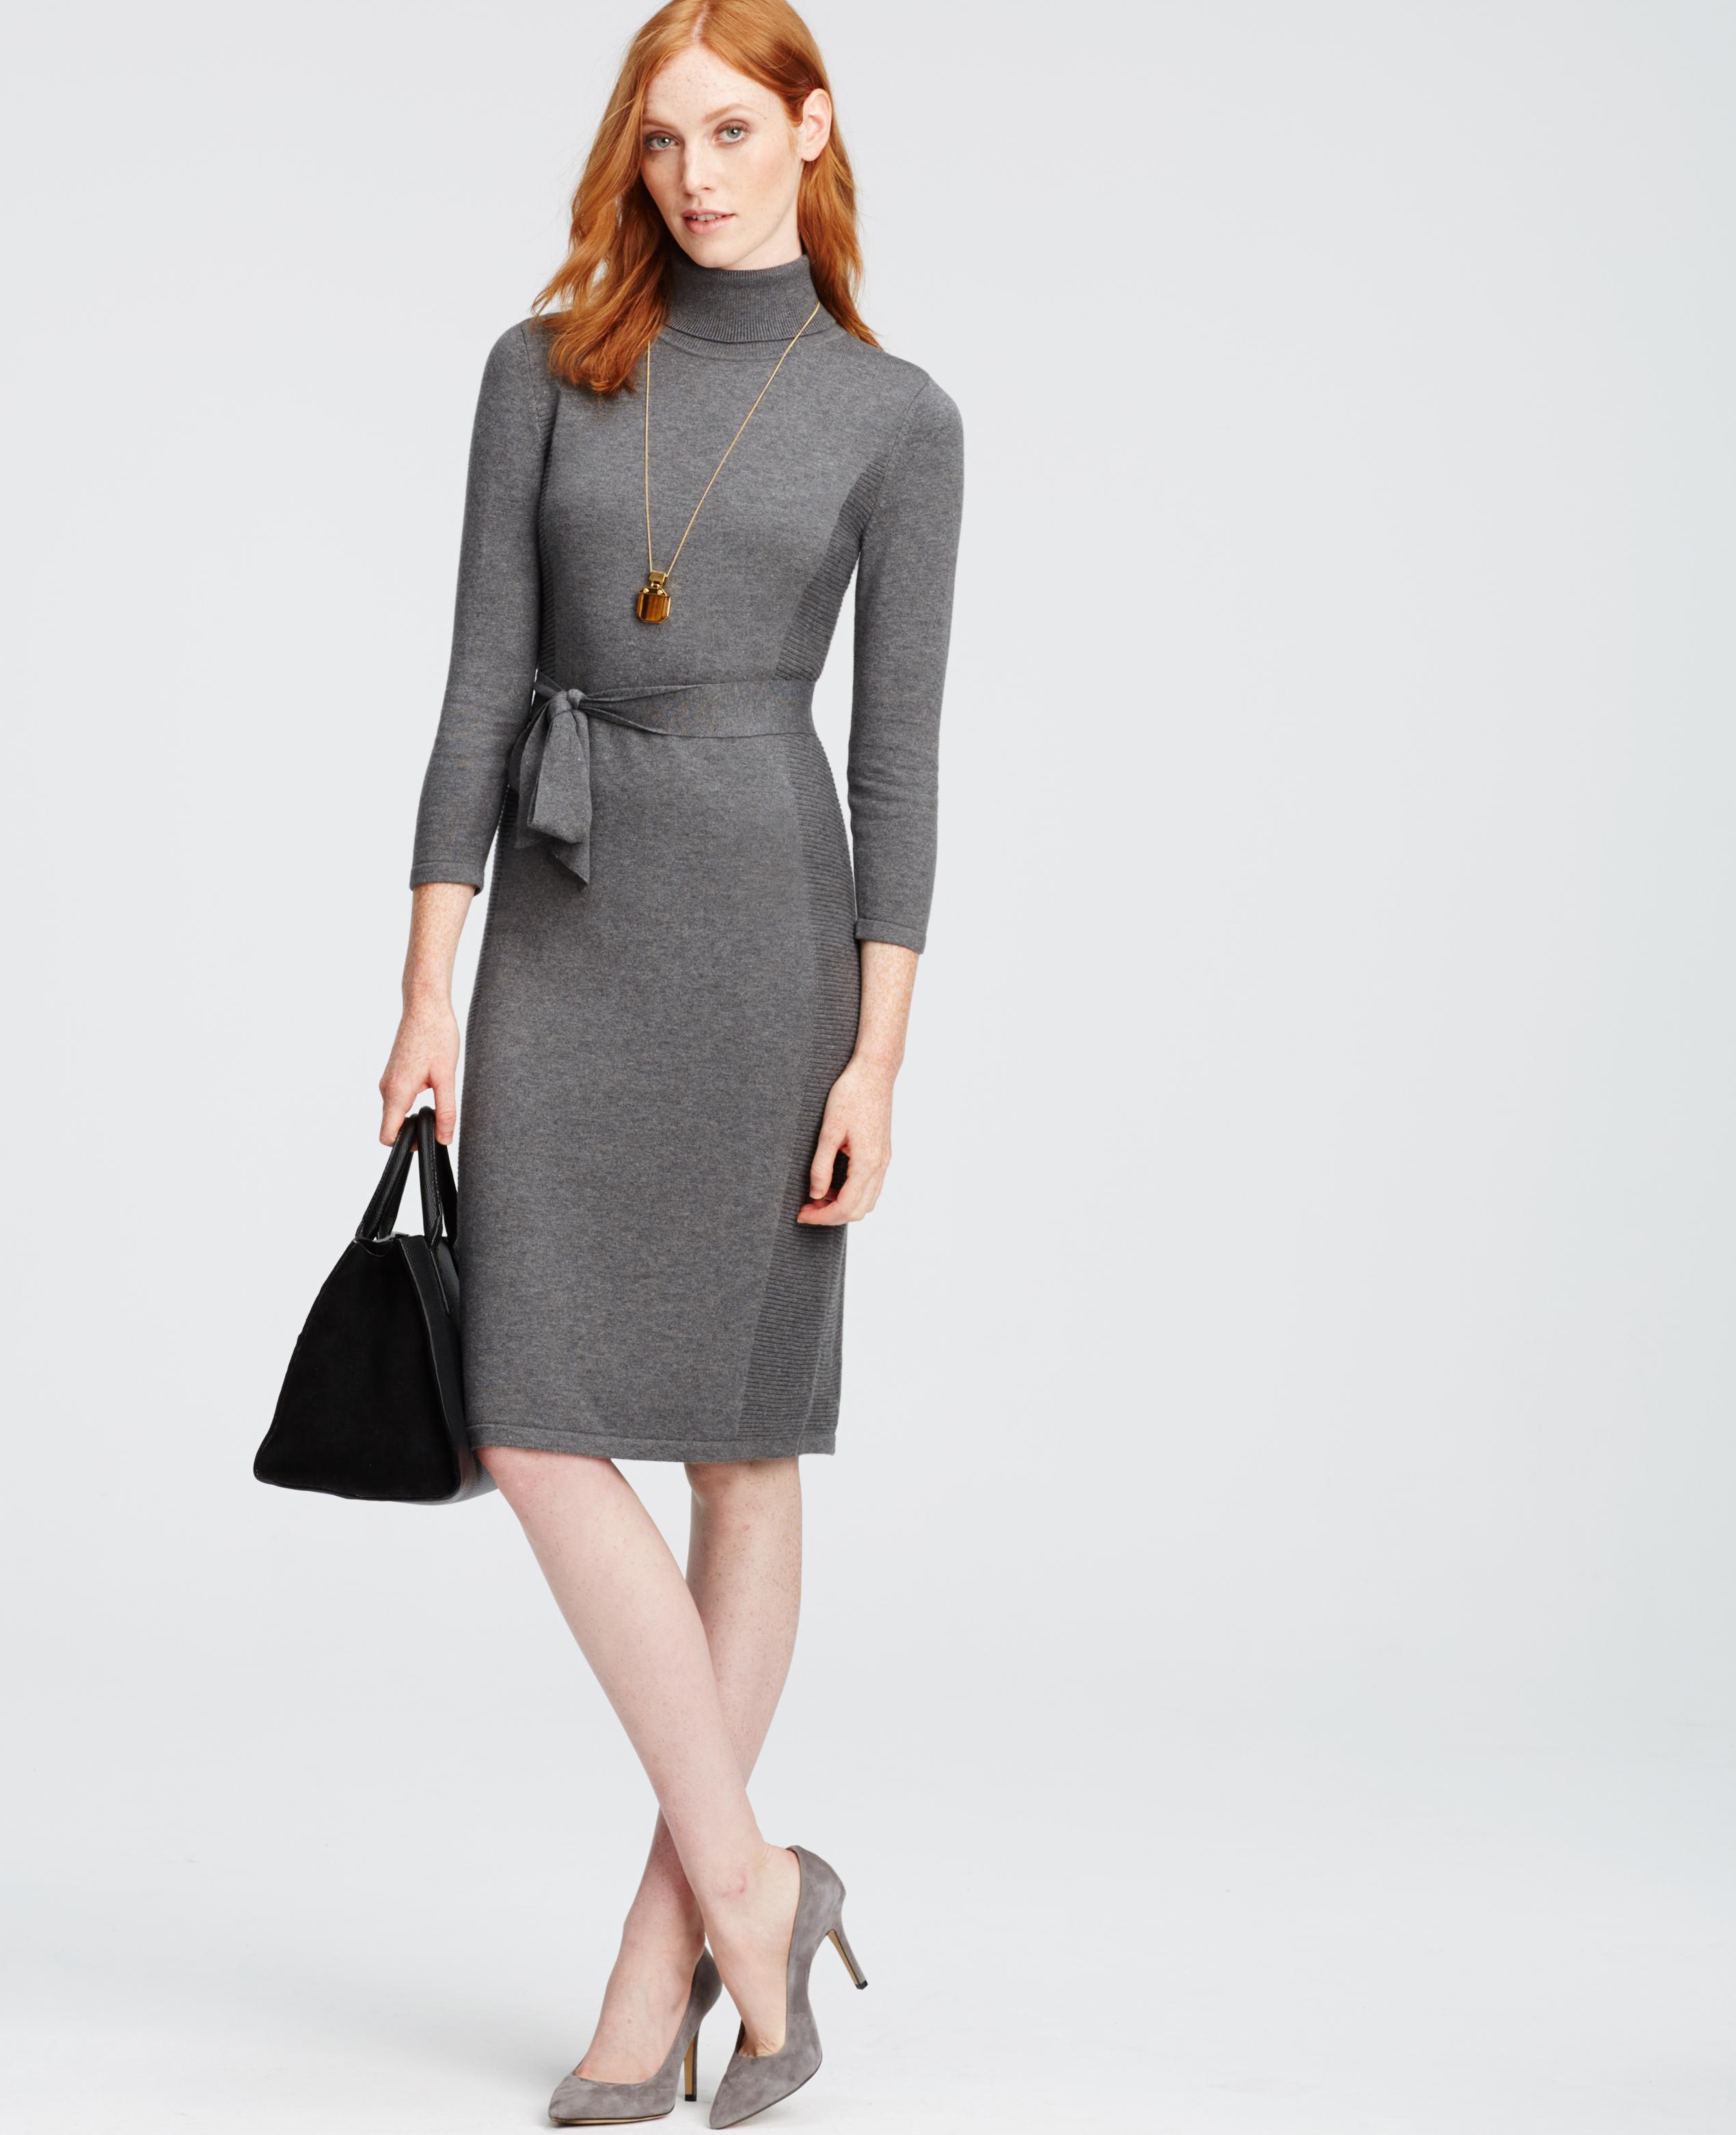 003656a1ef12 Lyst - Ann Taylor Petite Turtleneck Sweater Dress in Metallic